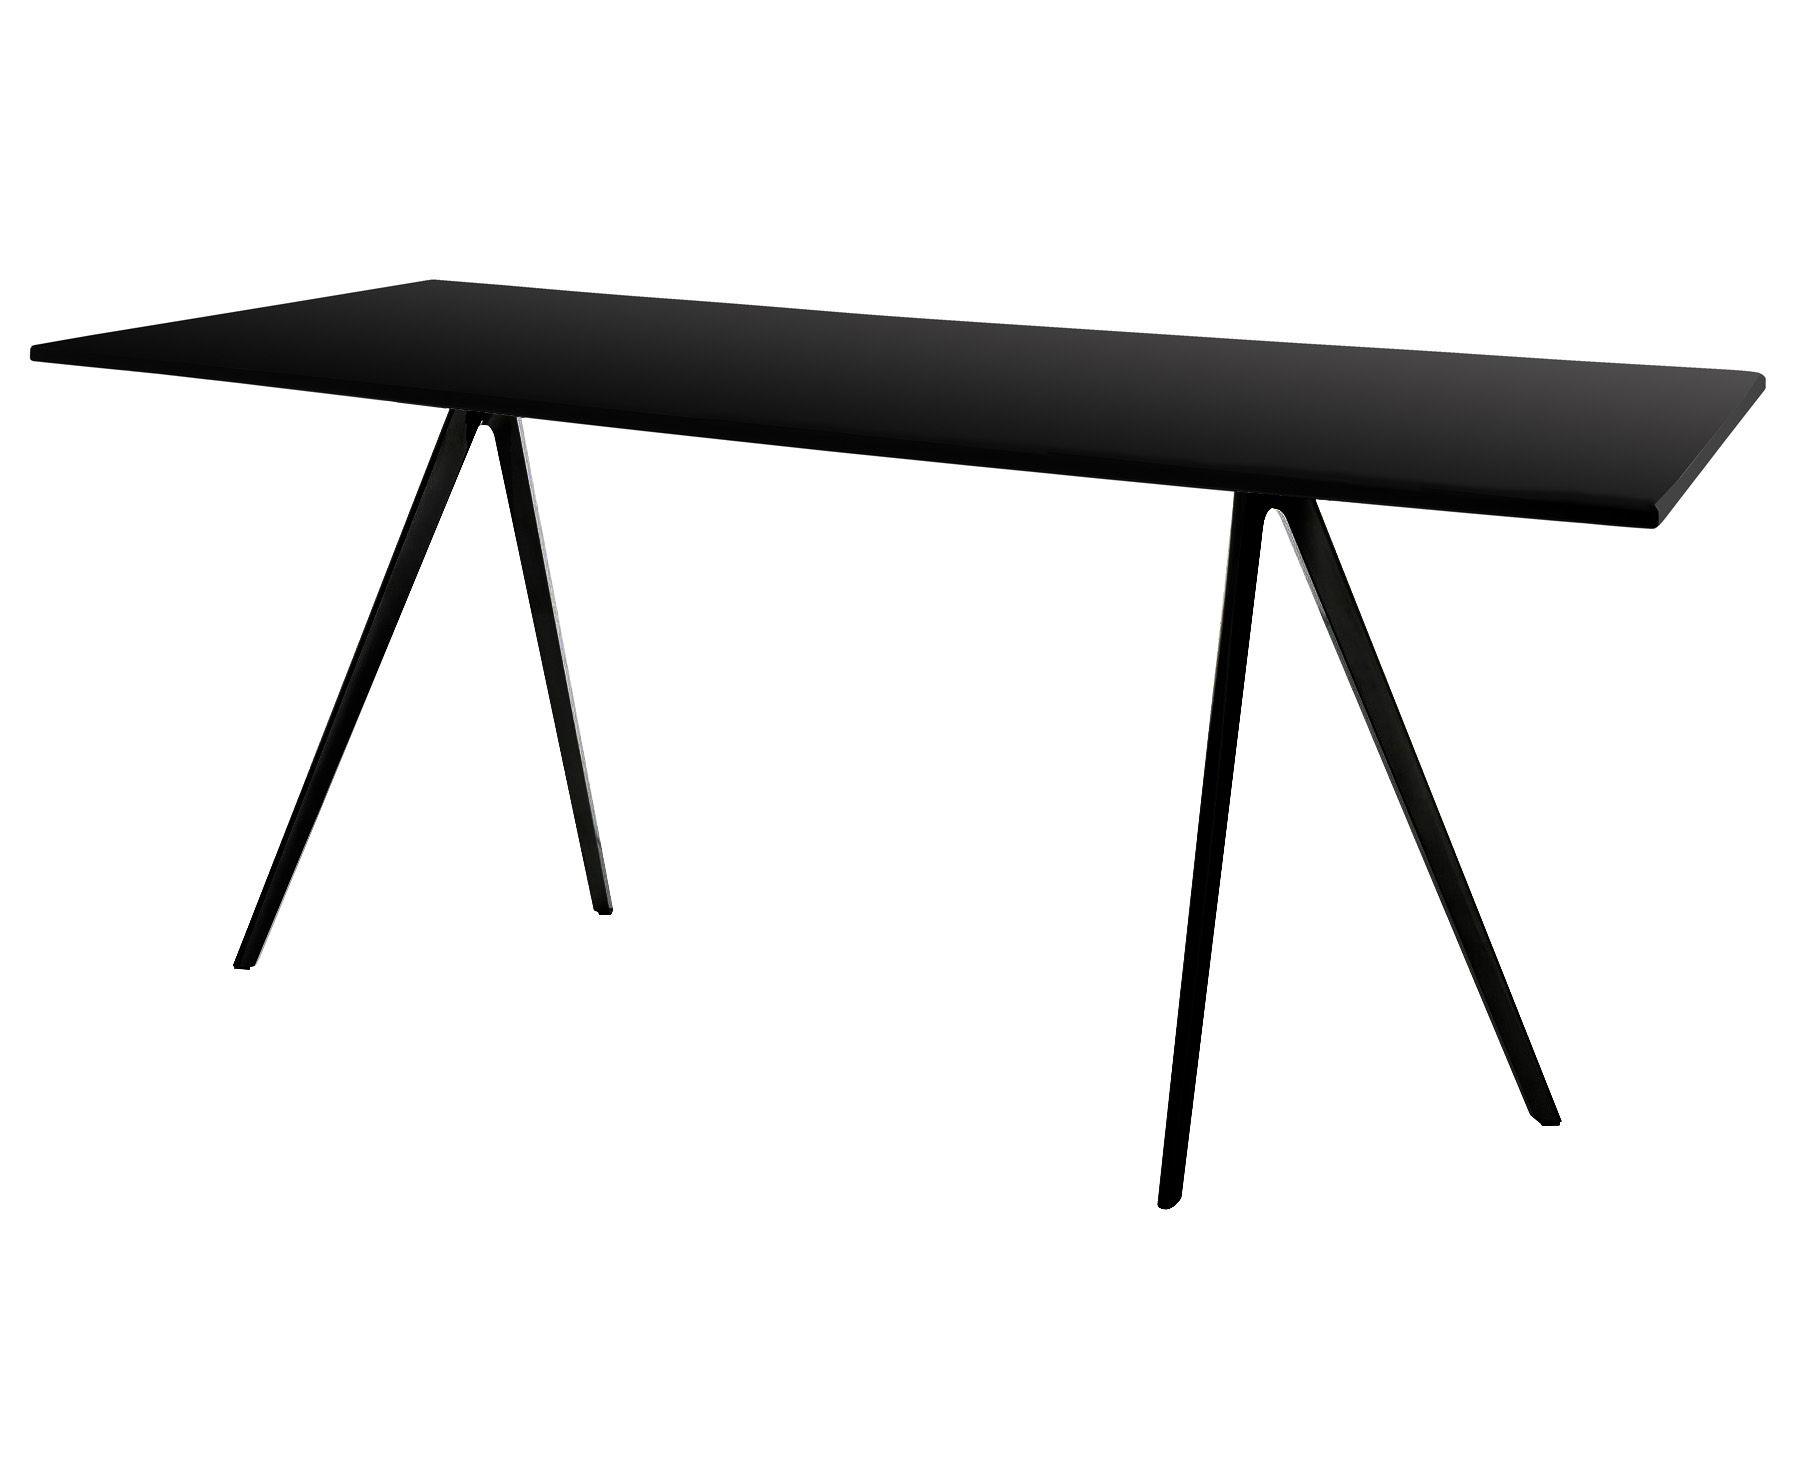 Tendenze - Una zona ufficio con stile - Tavolo rettangolare Baguette - 160 x 85 cm - Piano MDF di Magis - Gambe nere / Piano MDF nero - Alluminio verniciato, MDF laccato